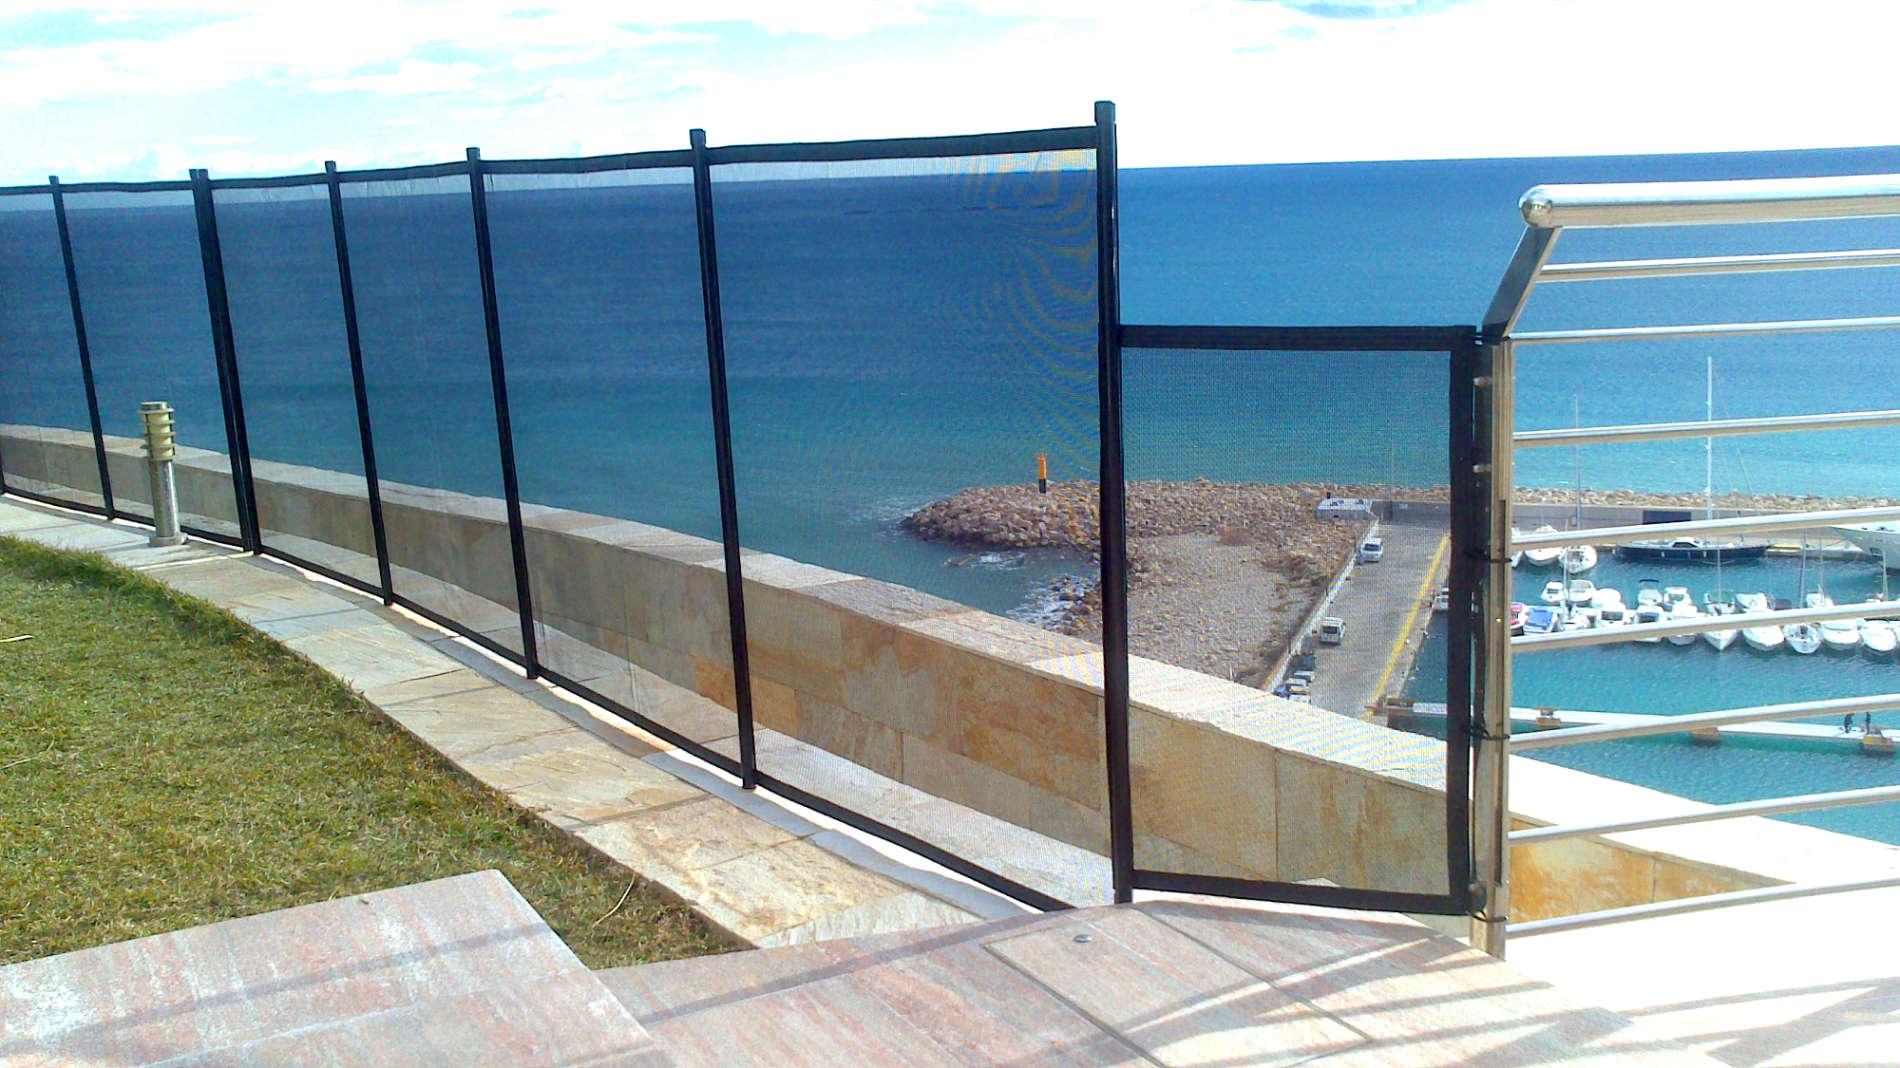 Aguaspan vallas de protecci n en piscinas para ni os - Vallas de seguridad ninos ...